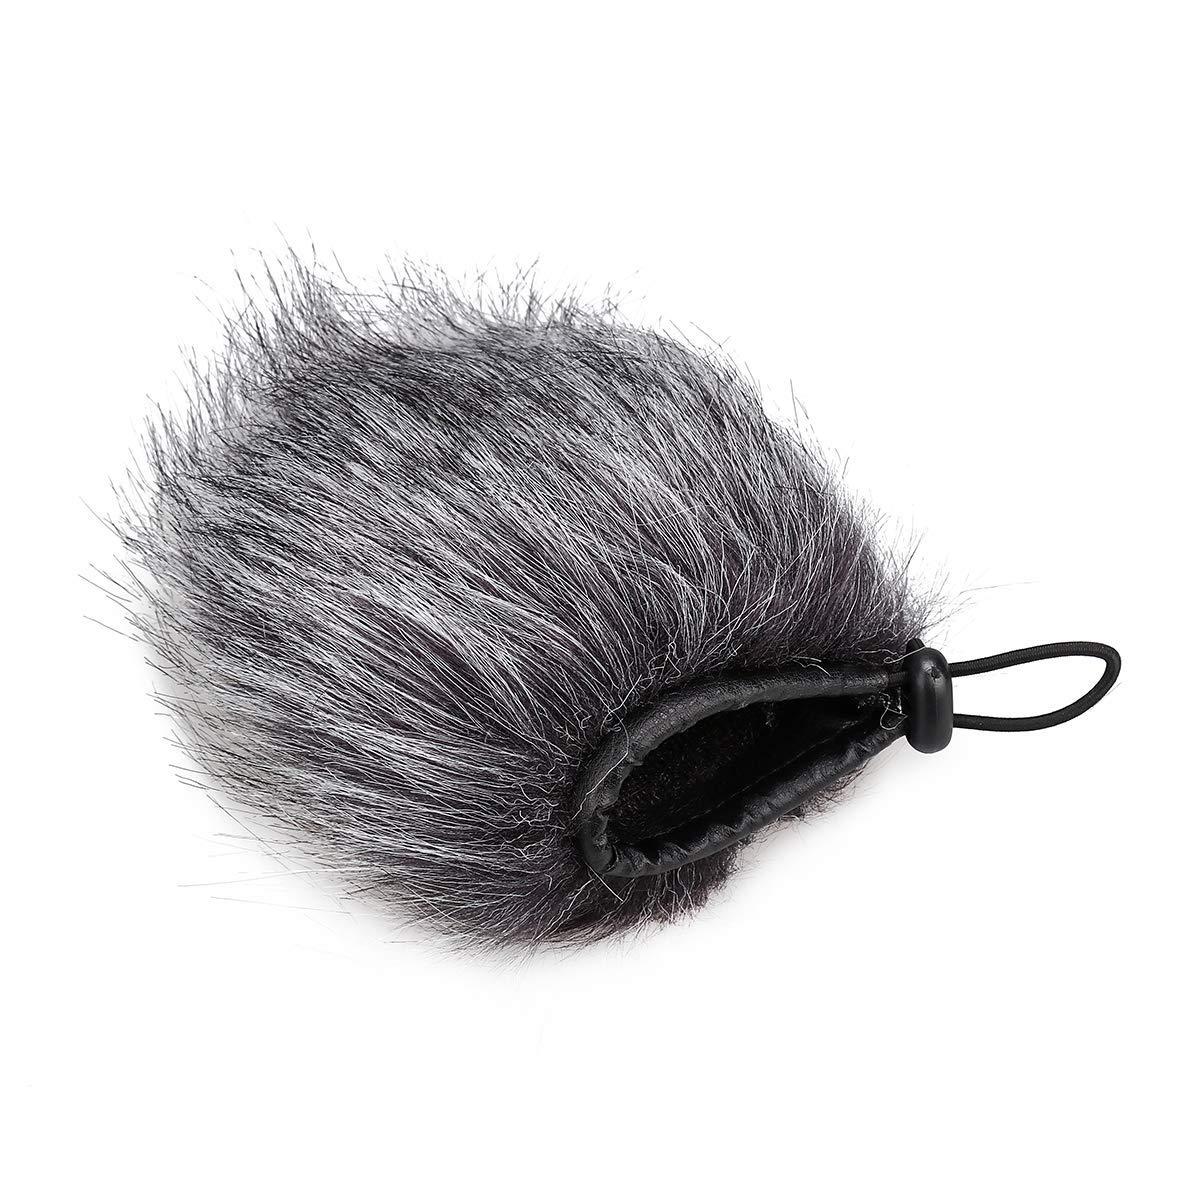 Wei Xi Furry Microphone Windscreen Muff - 17 X 4.5cm Furry Mic Cover Outdoor Microphone Wind Shield for Camera Recorder Rode Shotgun Microphones